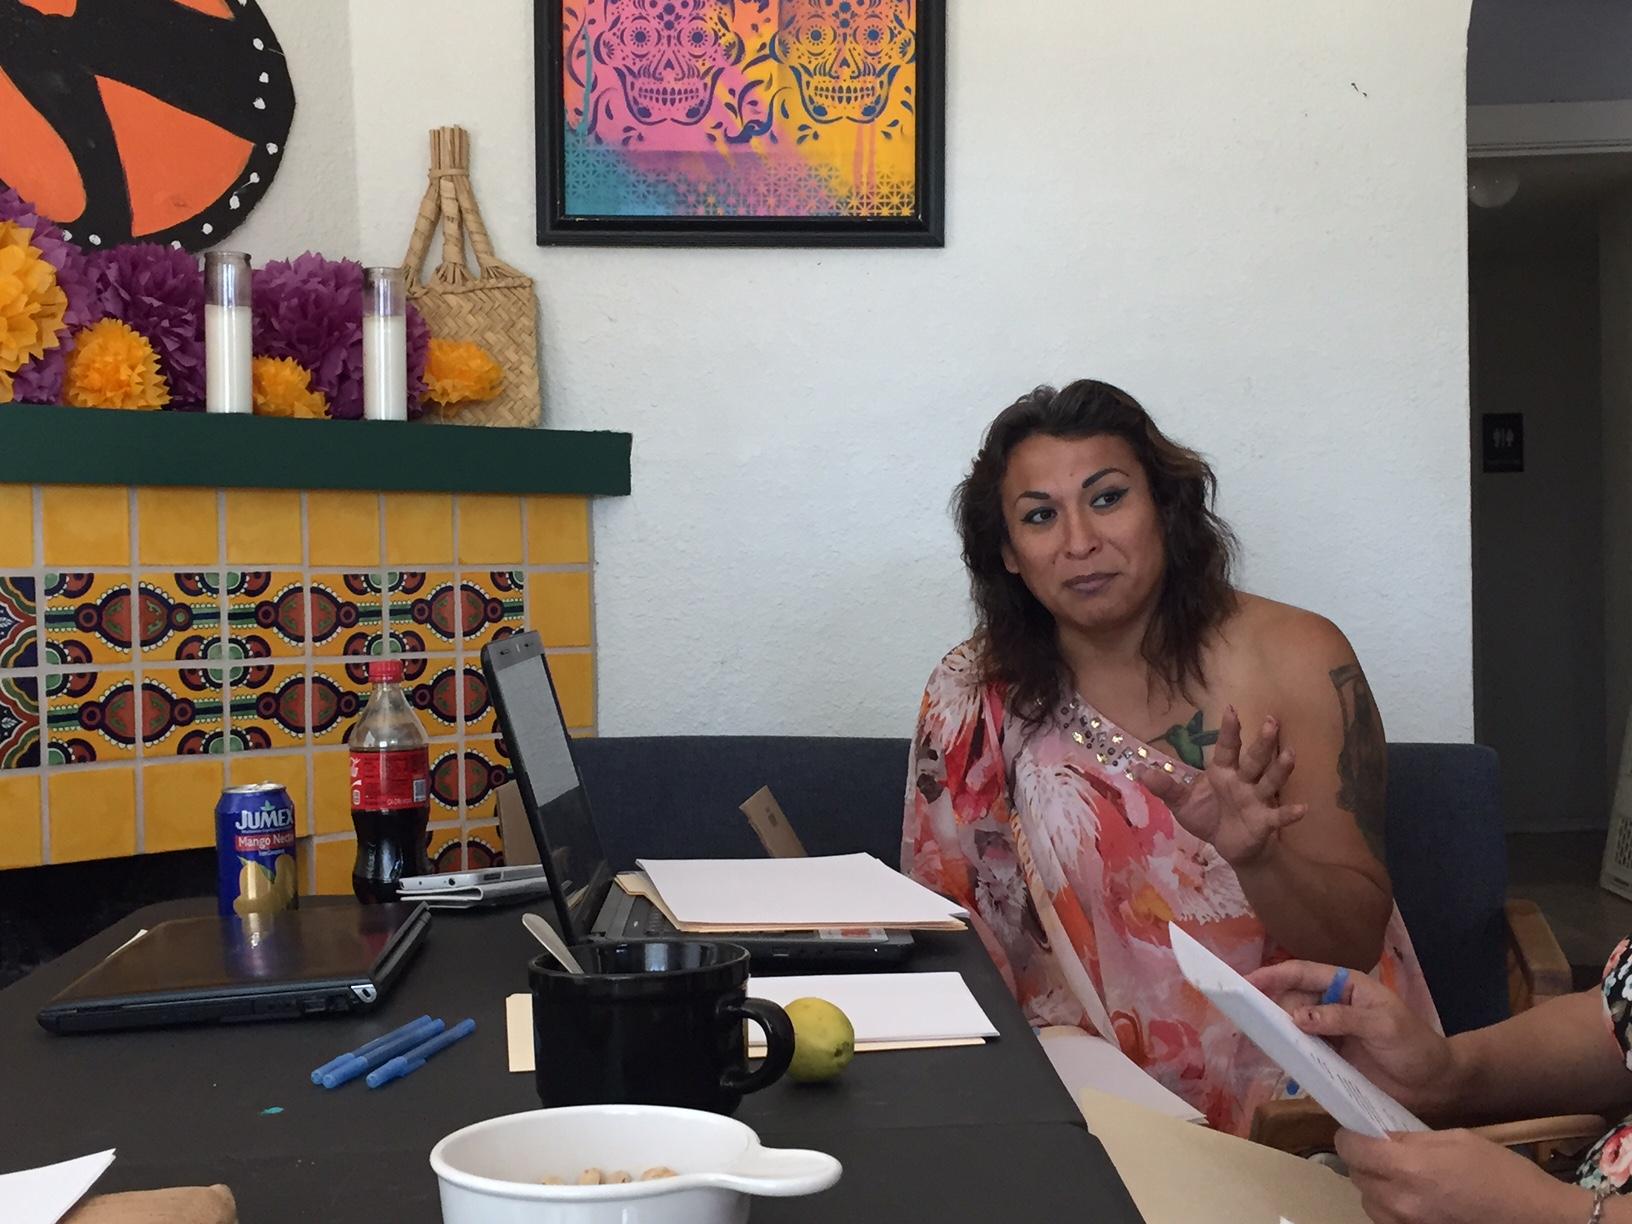 Durante un entrenamiento encabezado por Karyna Rodríguez Jaramillo en una clínica legal, un grupo de personas de la comunidad LGBTQ aprende de una abogada sobre qué opciones legales pueden tener disponibles para ajustar su situación legal en el país.